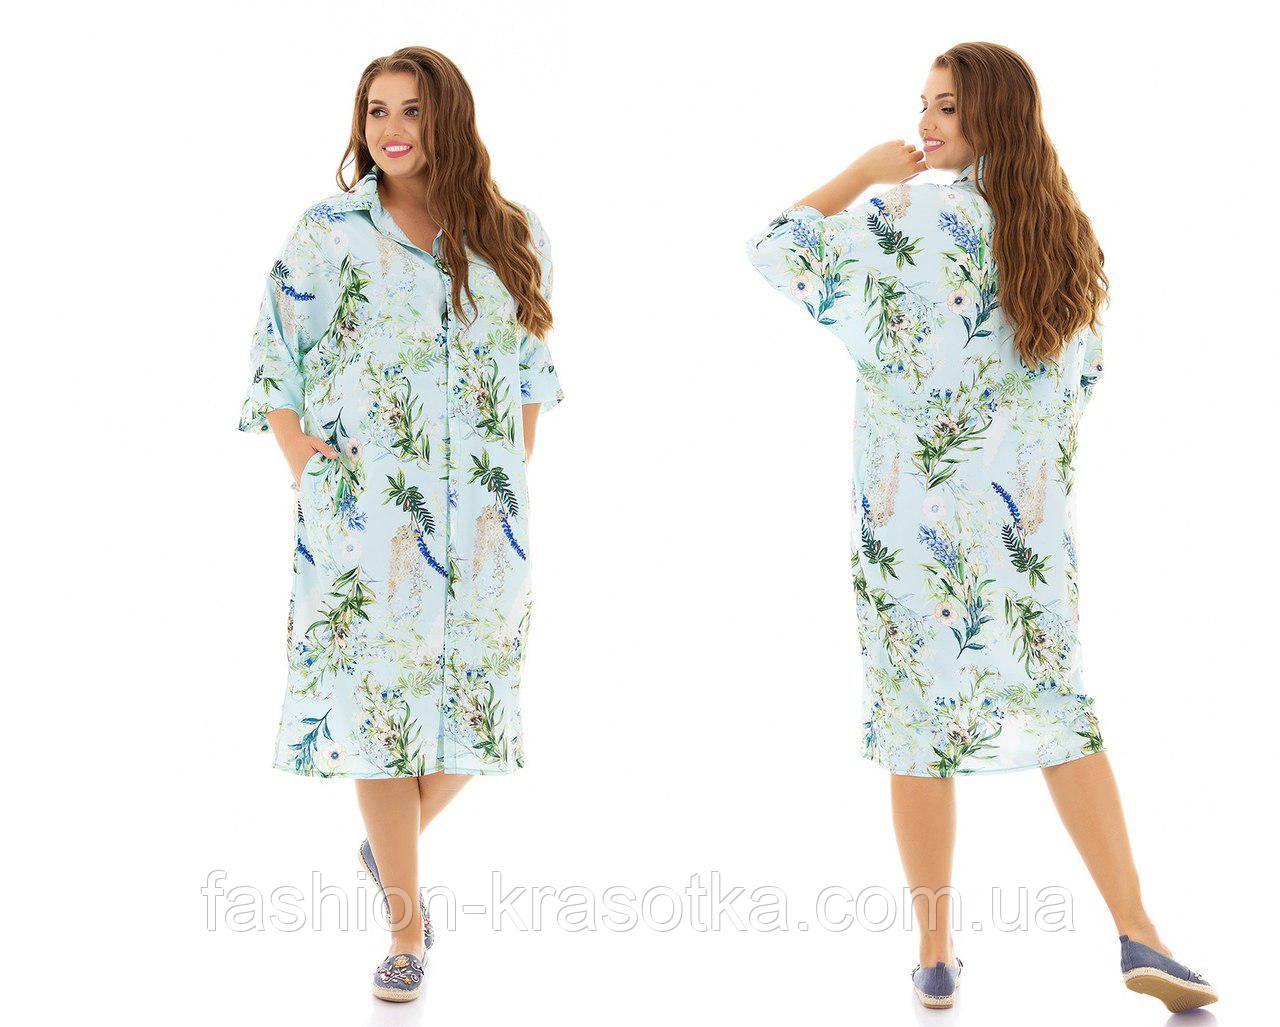 Модное женское платье-рубашка ткань софт  больших размеров